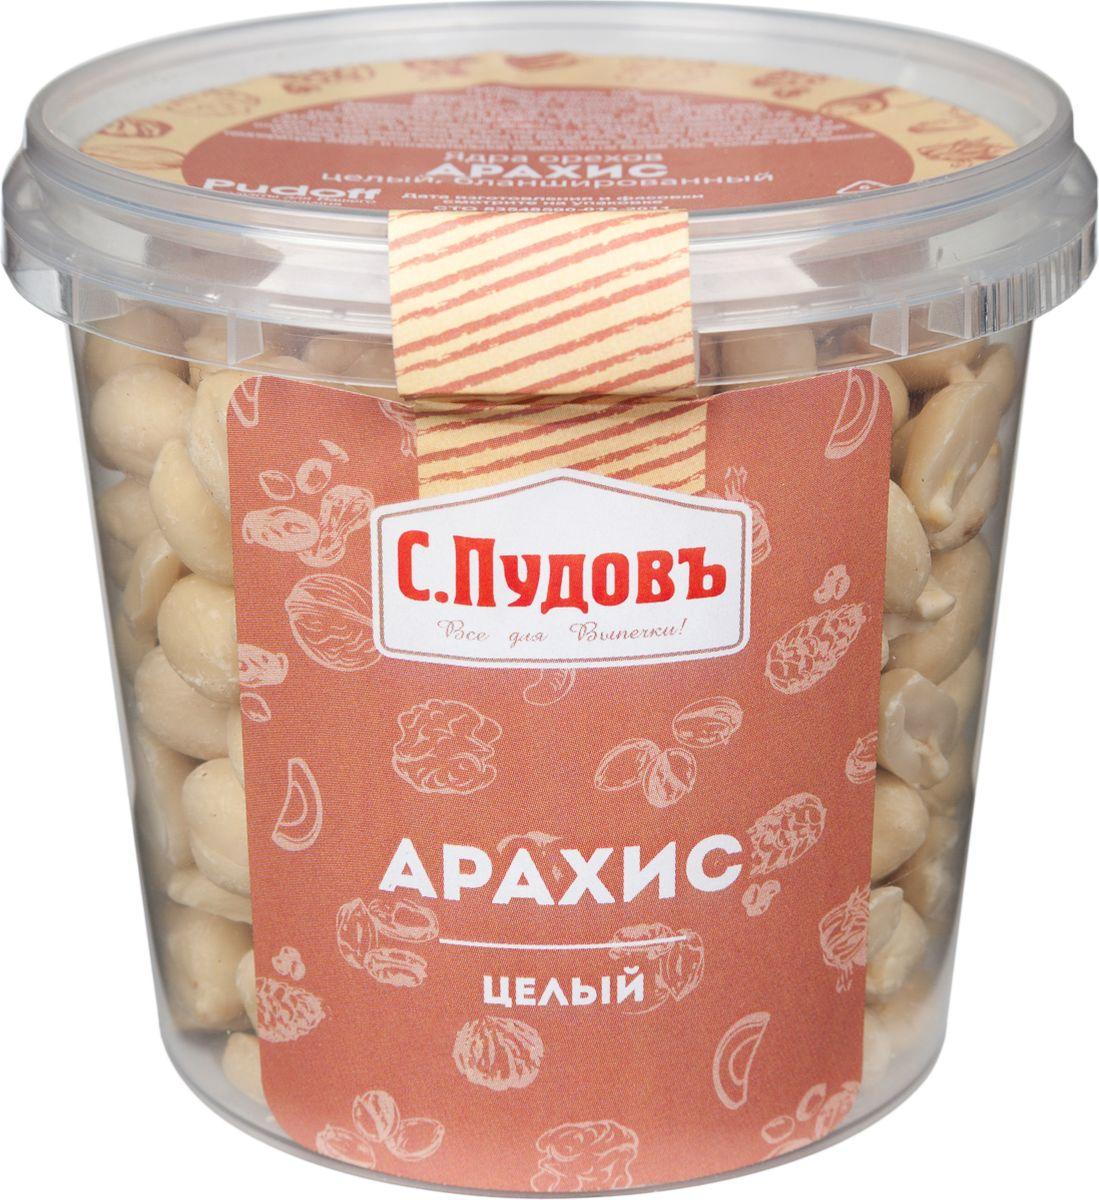 Пудовъ арахис целый, 200 г арахис farm production for 500g